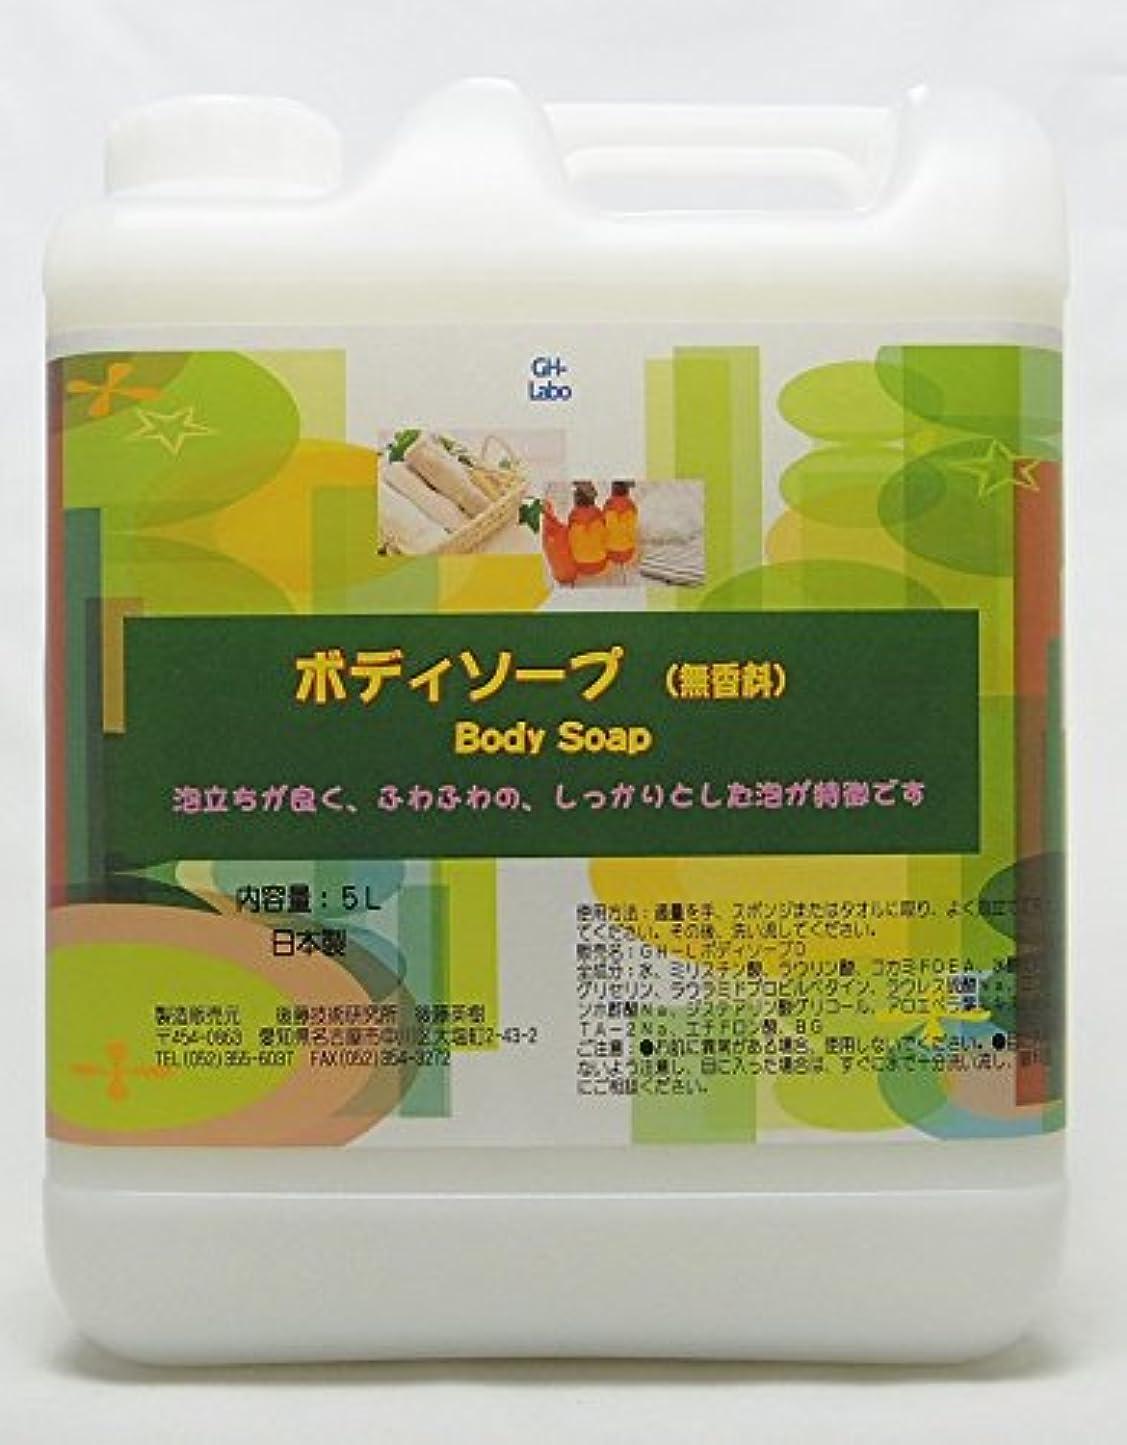 ラウズアカデミック咽頭GH-Labo 業務用ボディソープ 無香料 5L